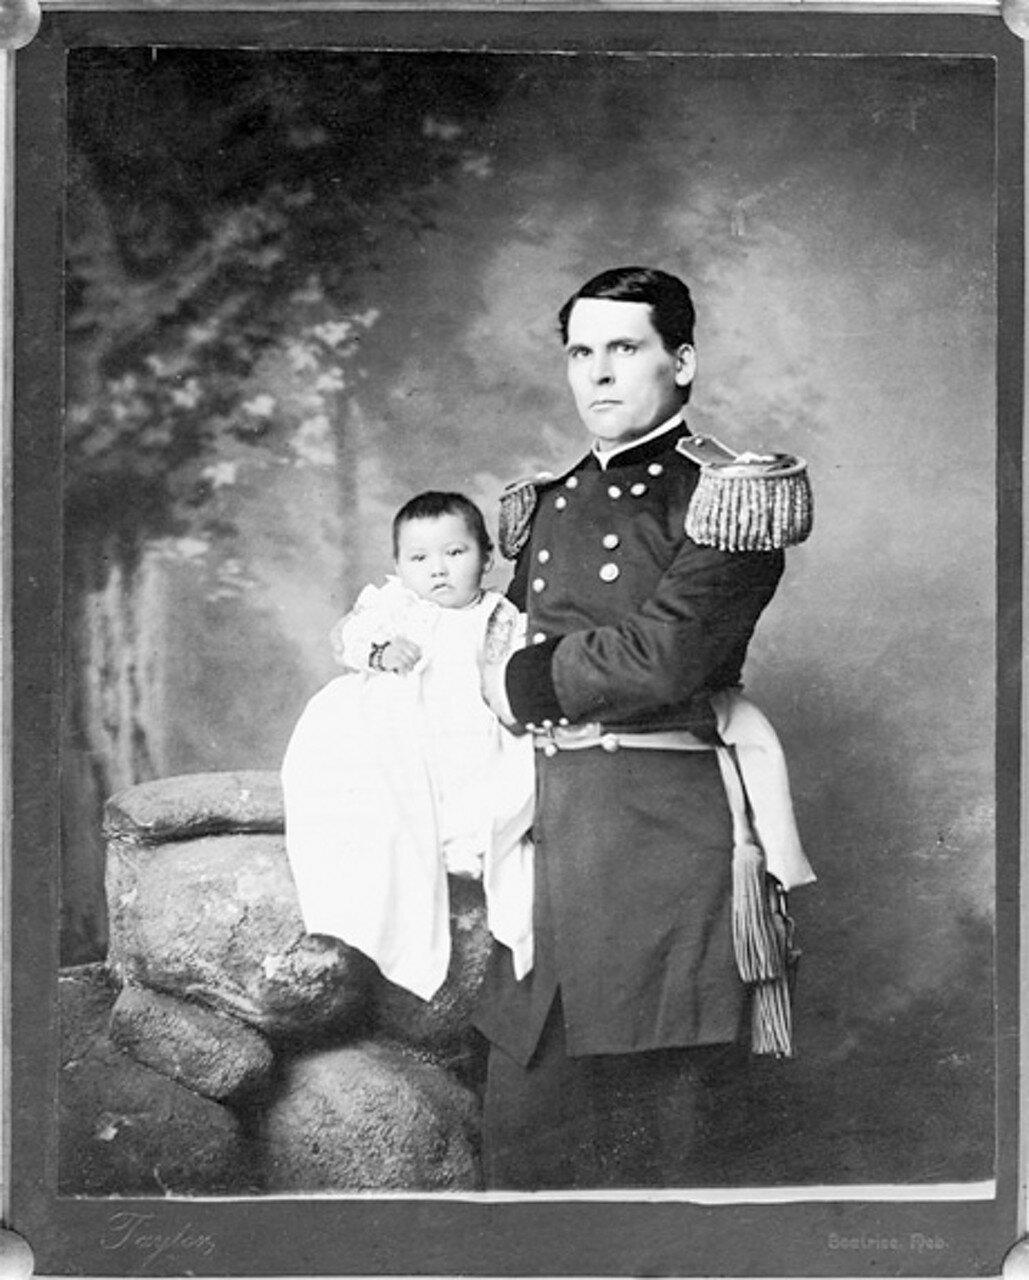 1890. Генерал Л. У. Колби  с девочкой Зинткала Нуни (Потерянная Птичка), найденной на поле боя